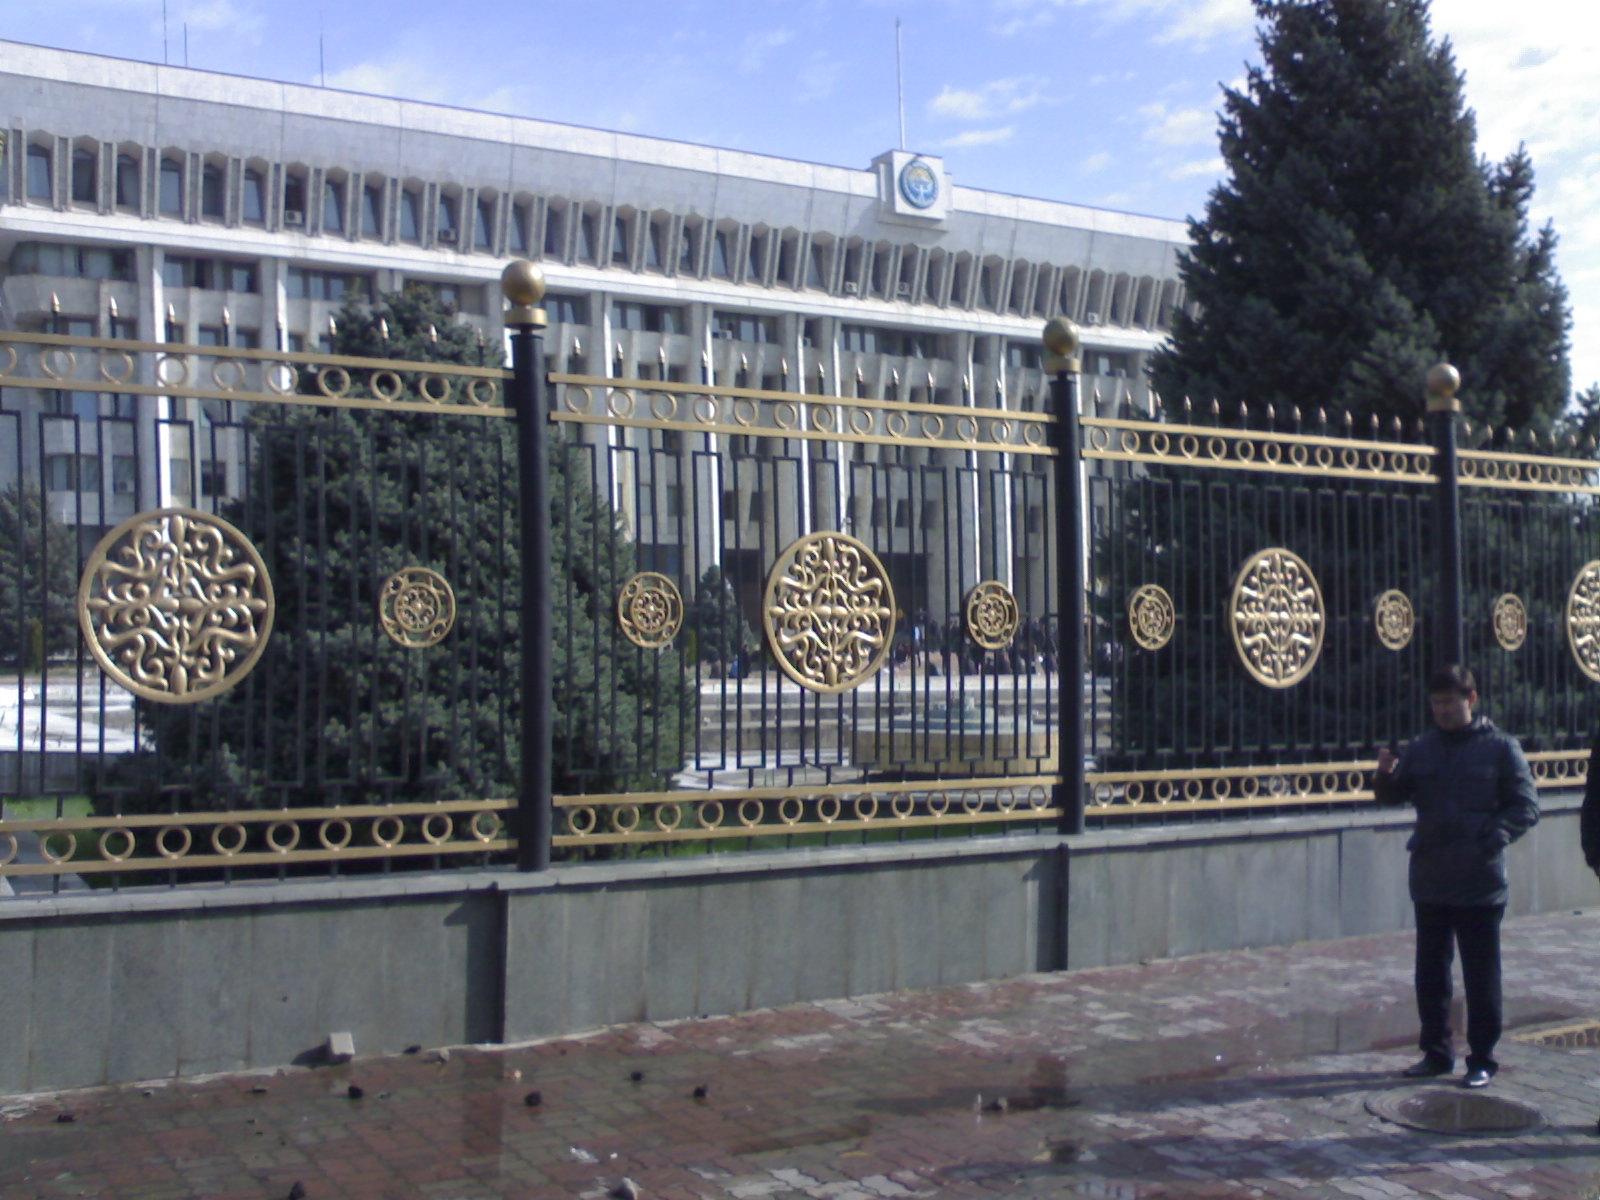 038. Ограда дома правительства.